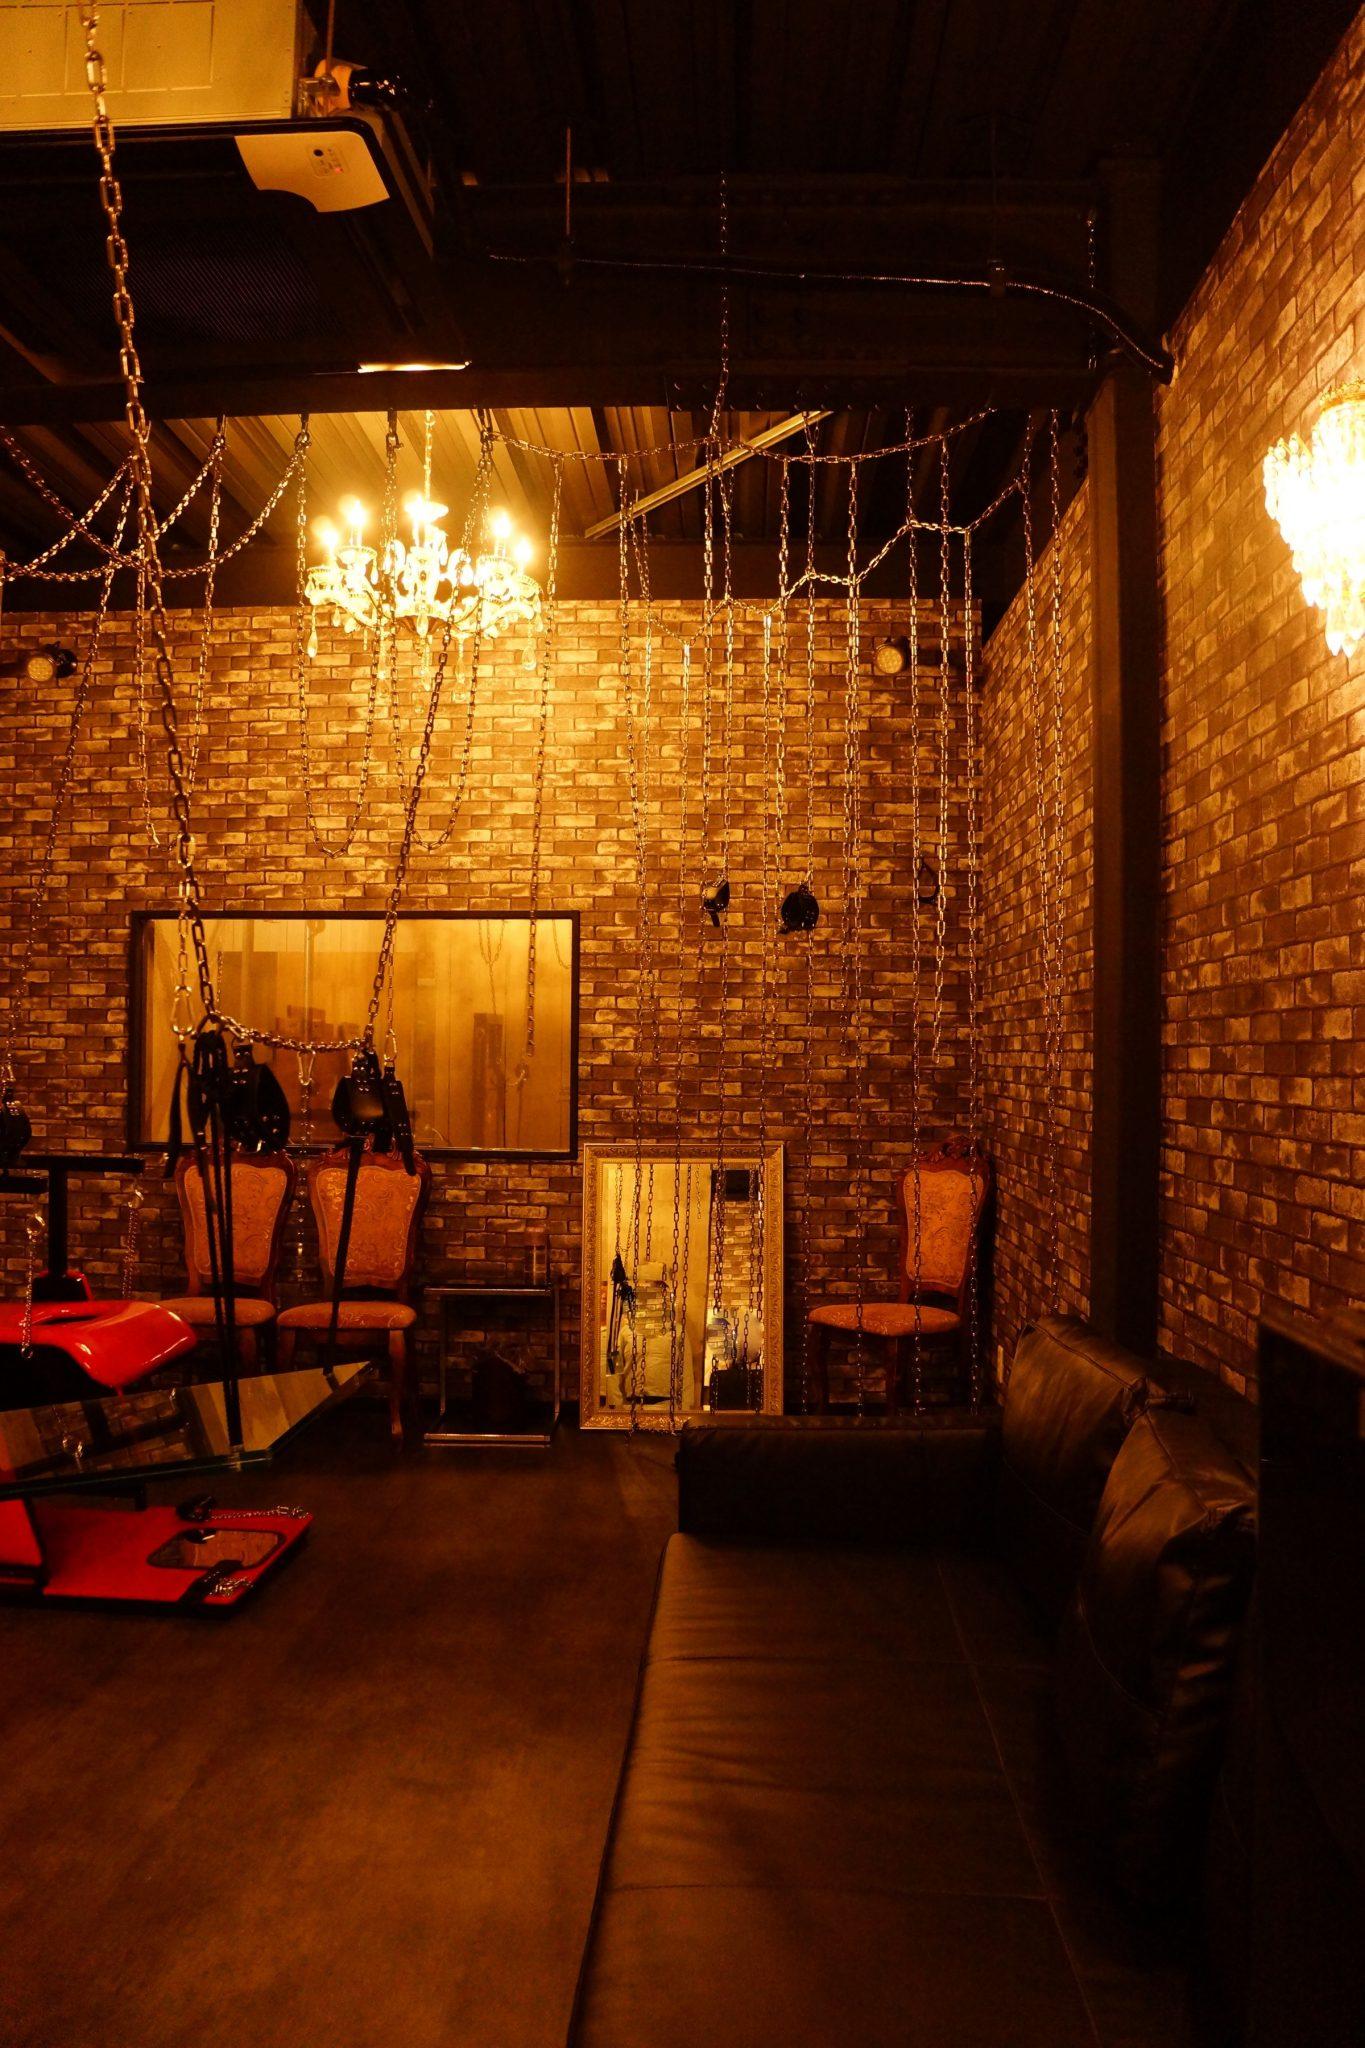 Salon De Siro                                                                                            SMルームの画像ギャラリー                                                                Salon De Siro